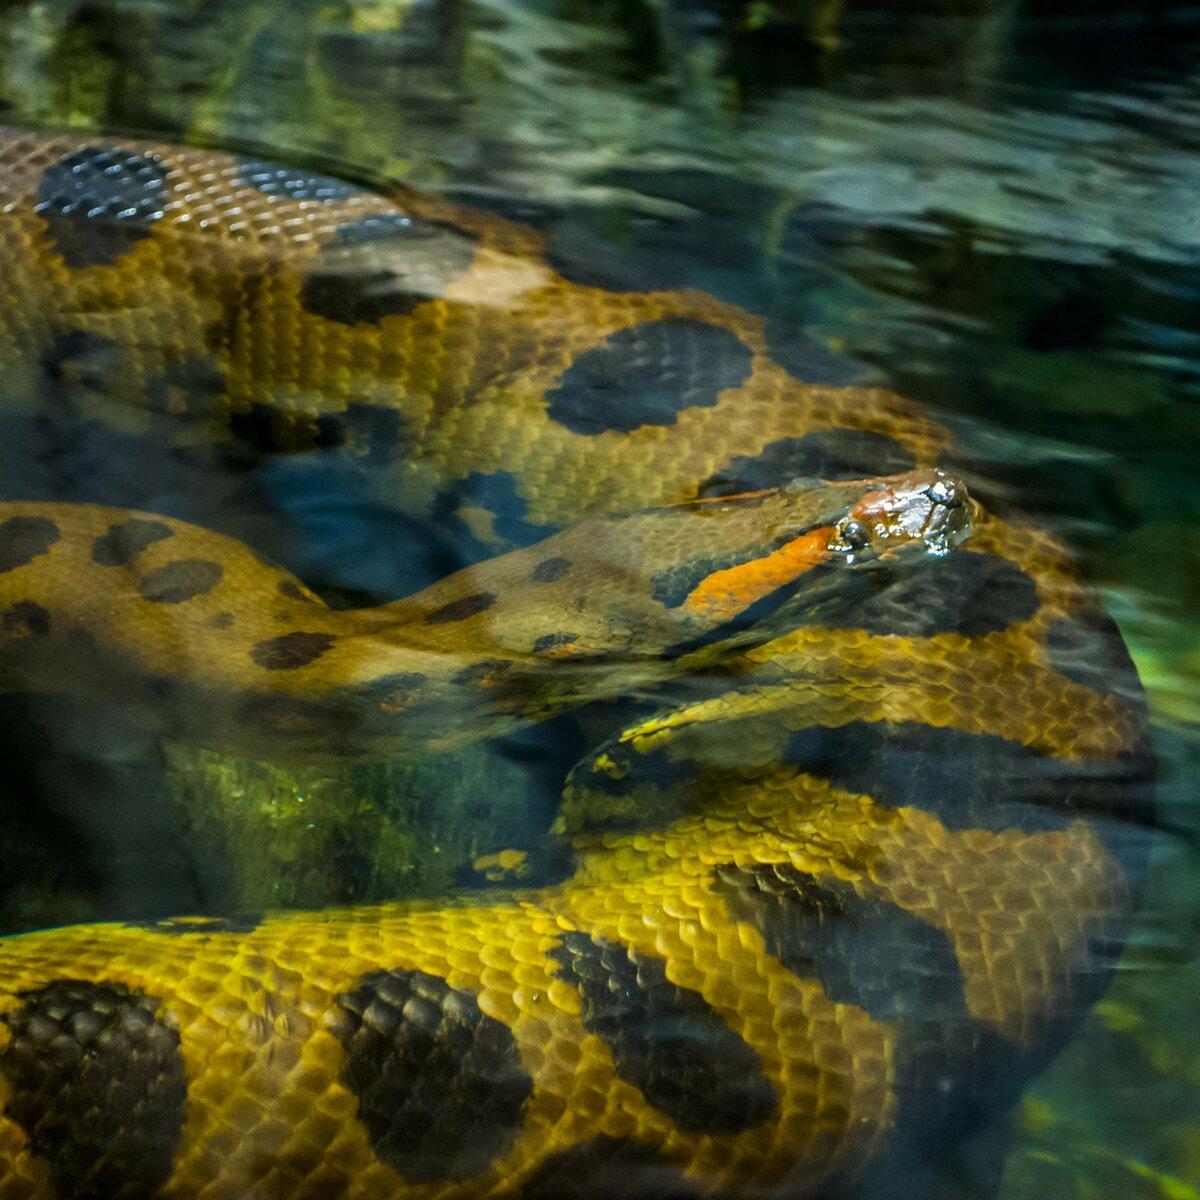 смотреть картинки змеи анаконды всего